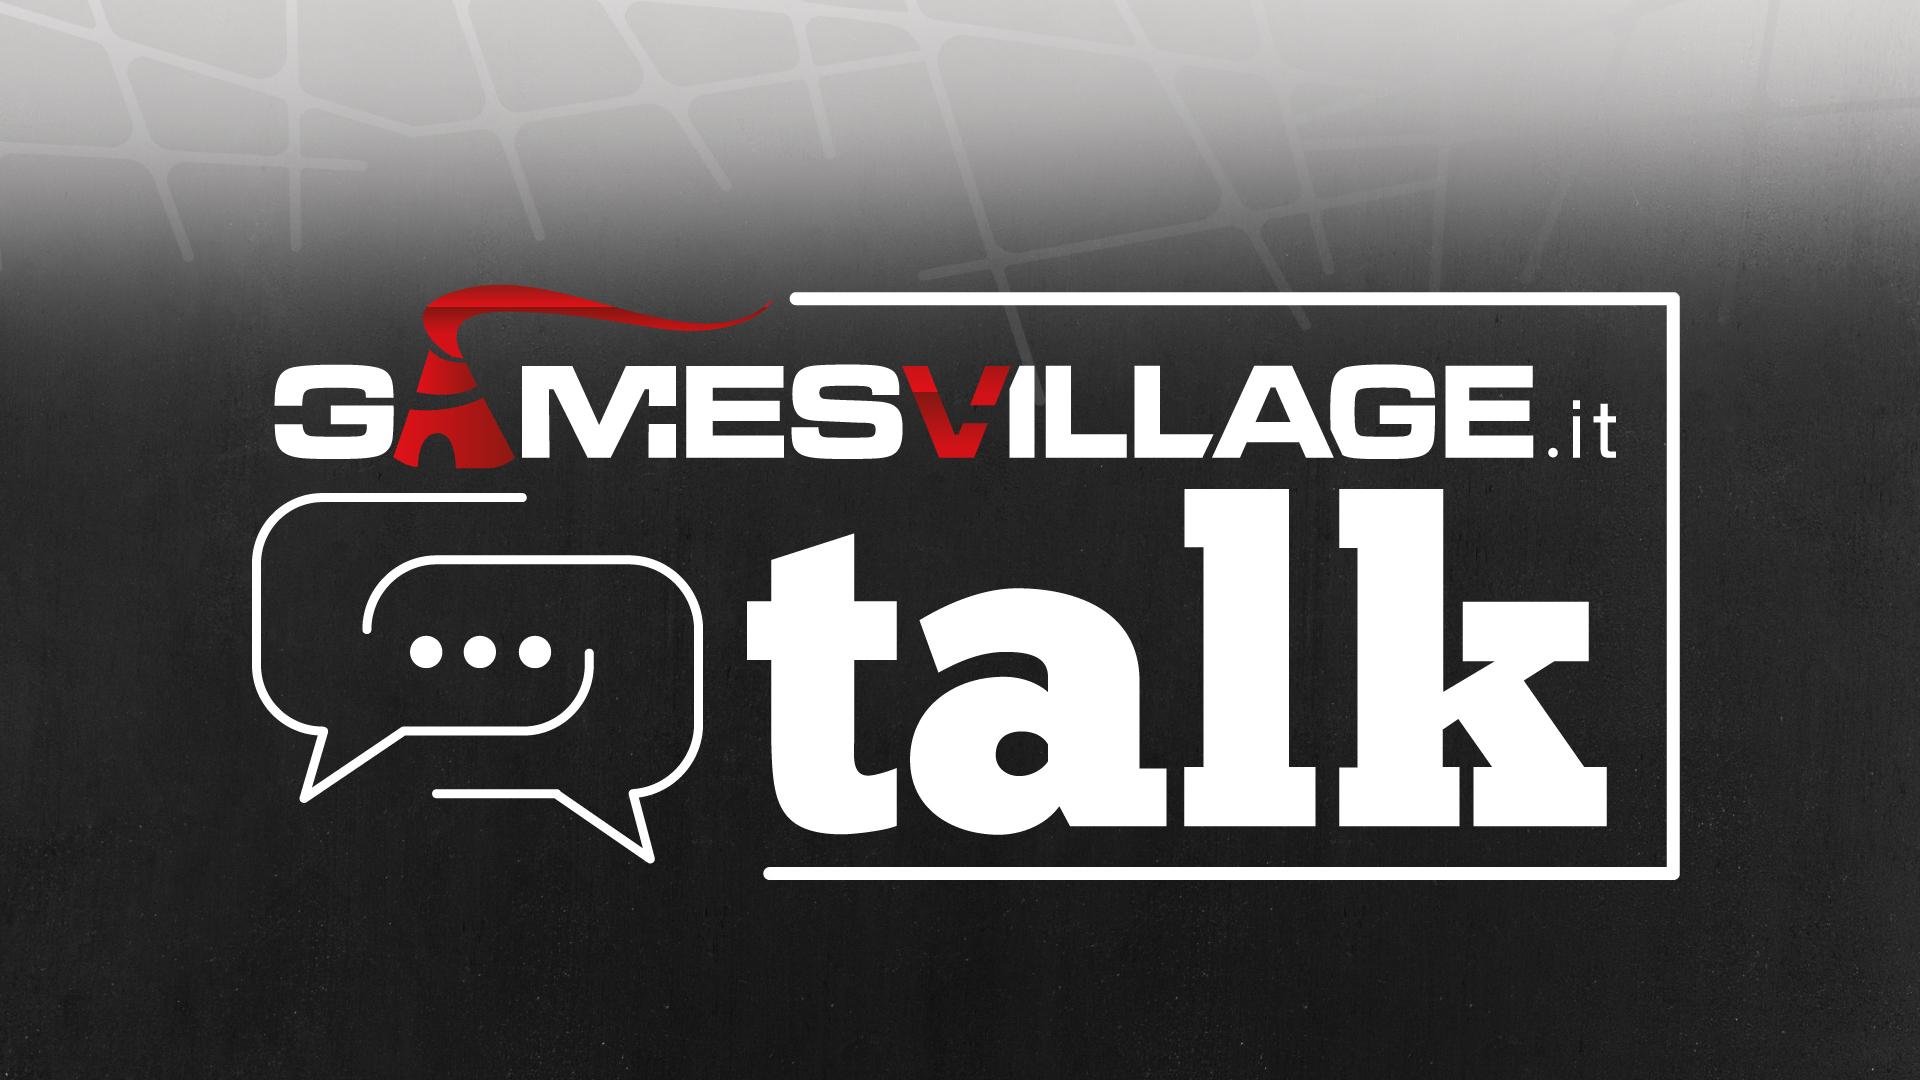 GamesVillage Talk